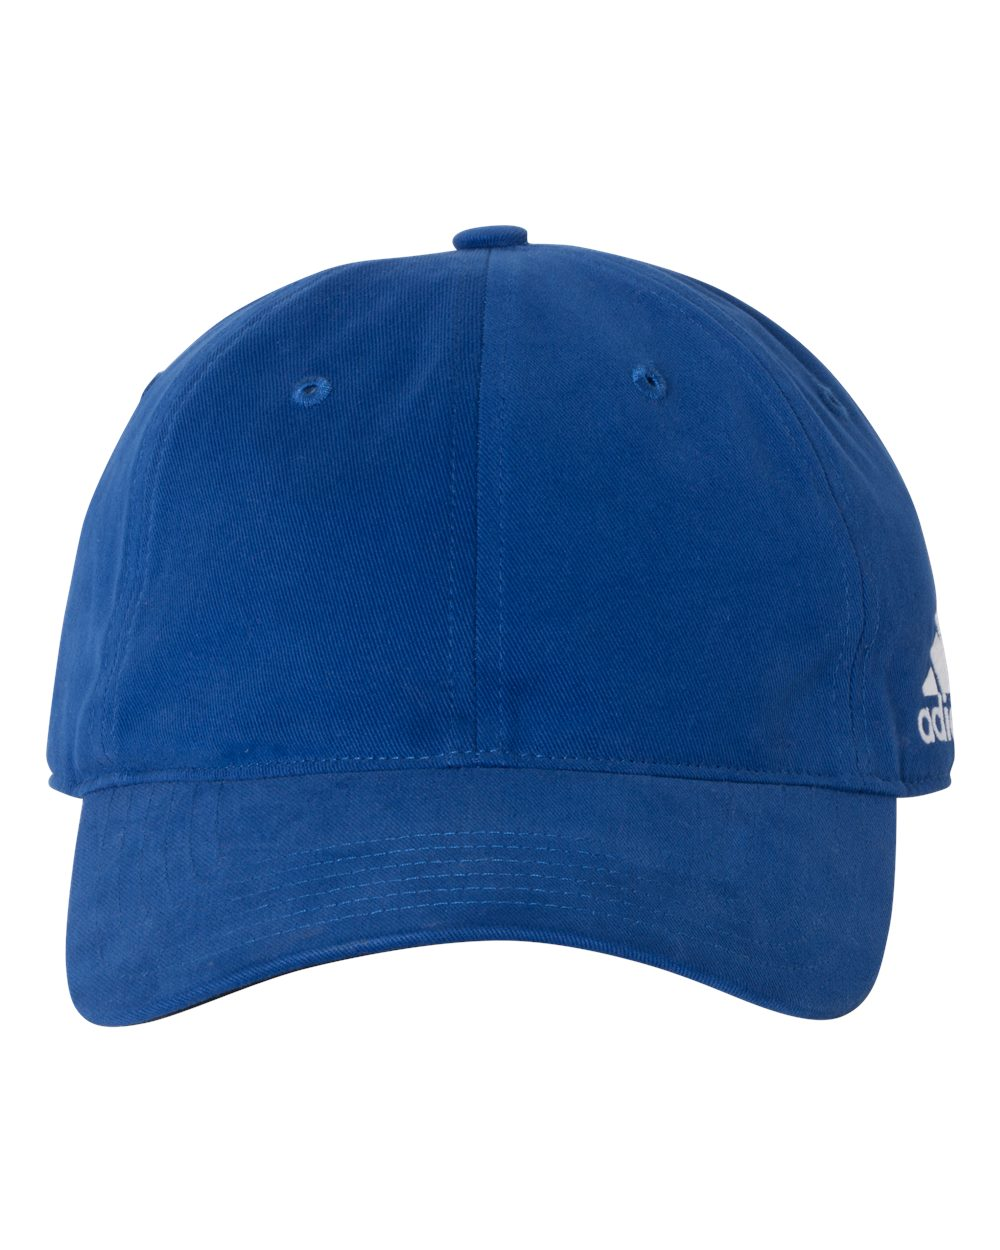 73e0178ca38 Adidas Golf Clothing A12 - blankstyle.com